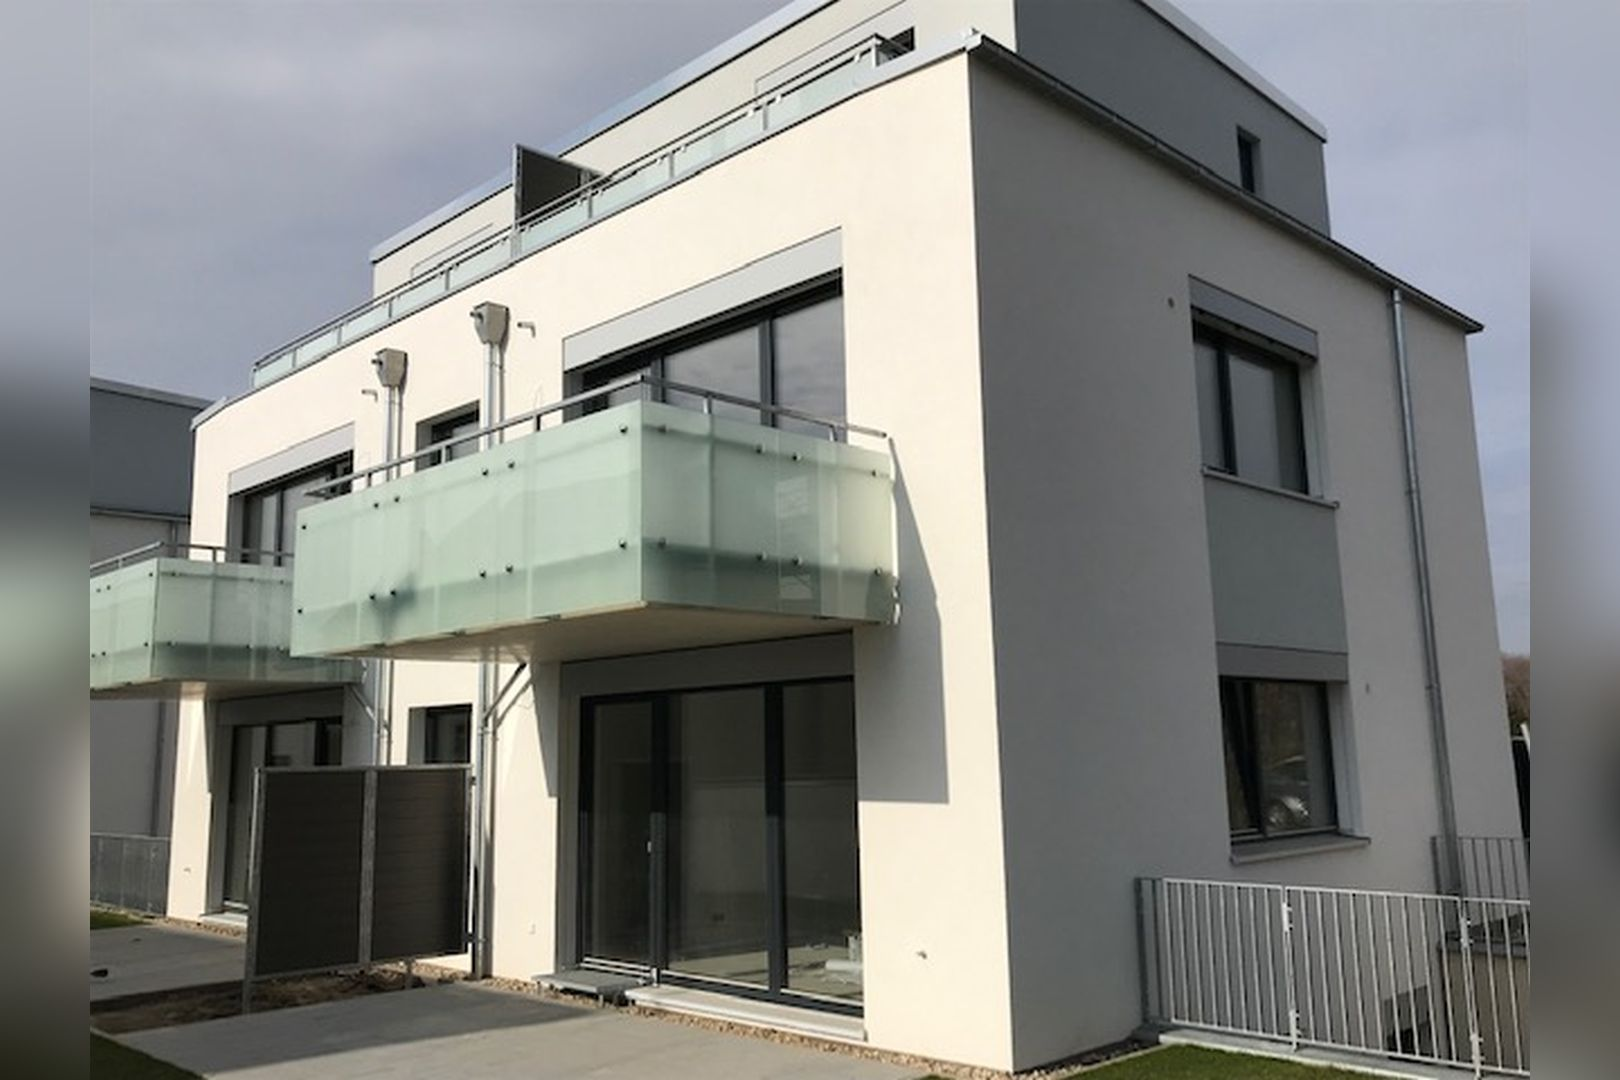 Immobilie Nr.BÖ-01.1 - BÖ-01.1; Maisonette Wohnung über EG und Sout., Garten u. Terrasse - Bild main.jpg